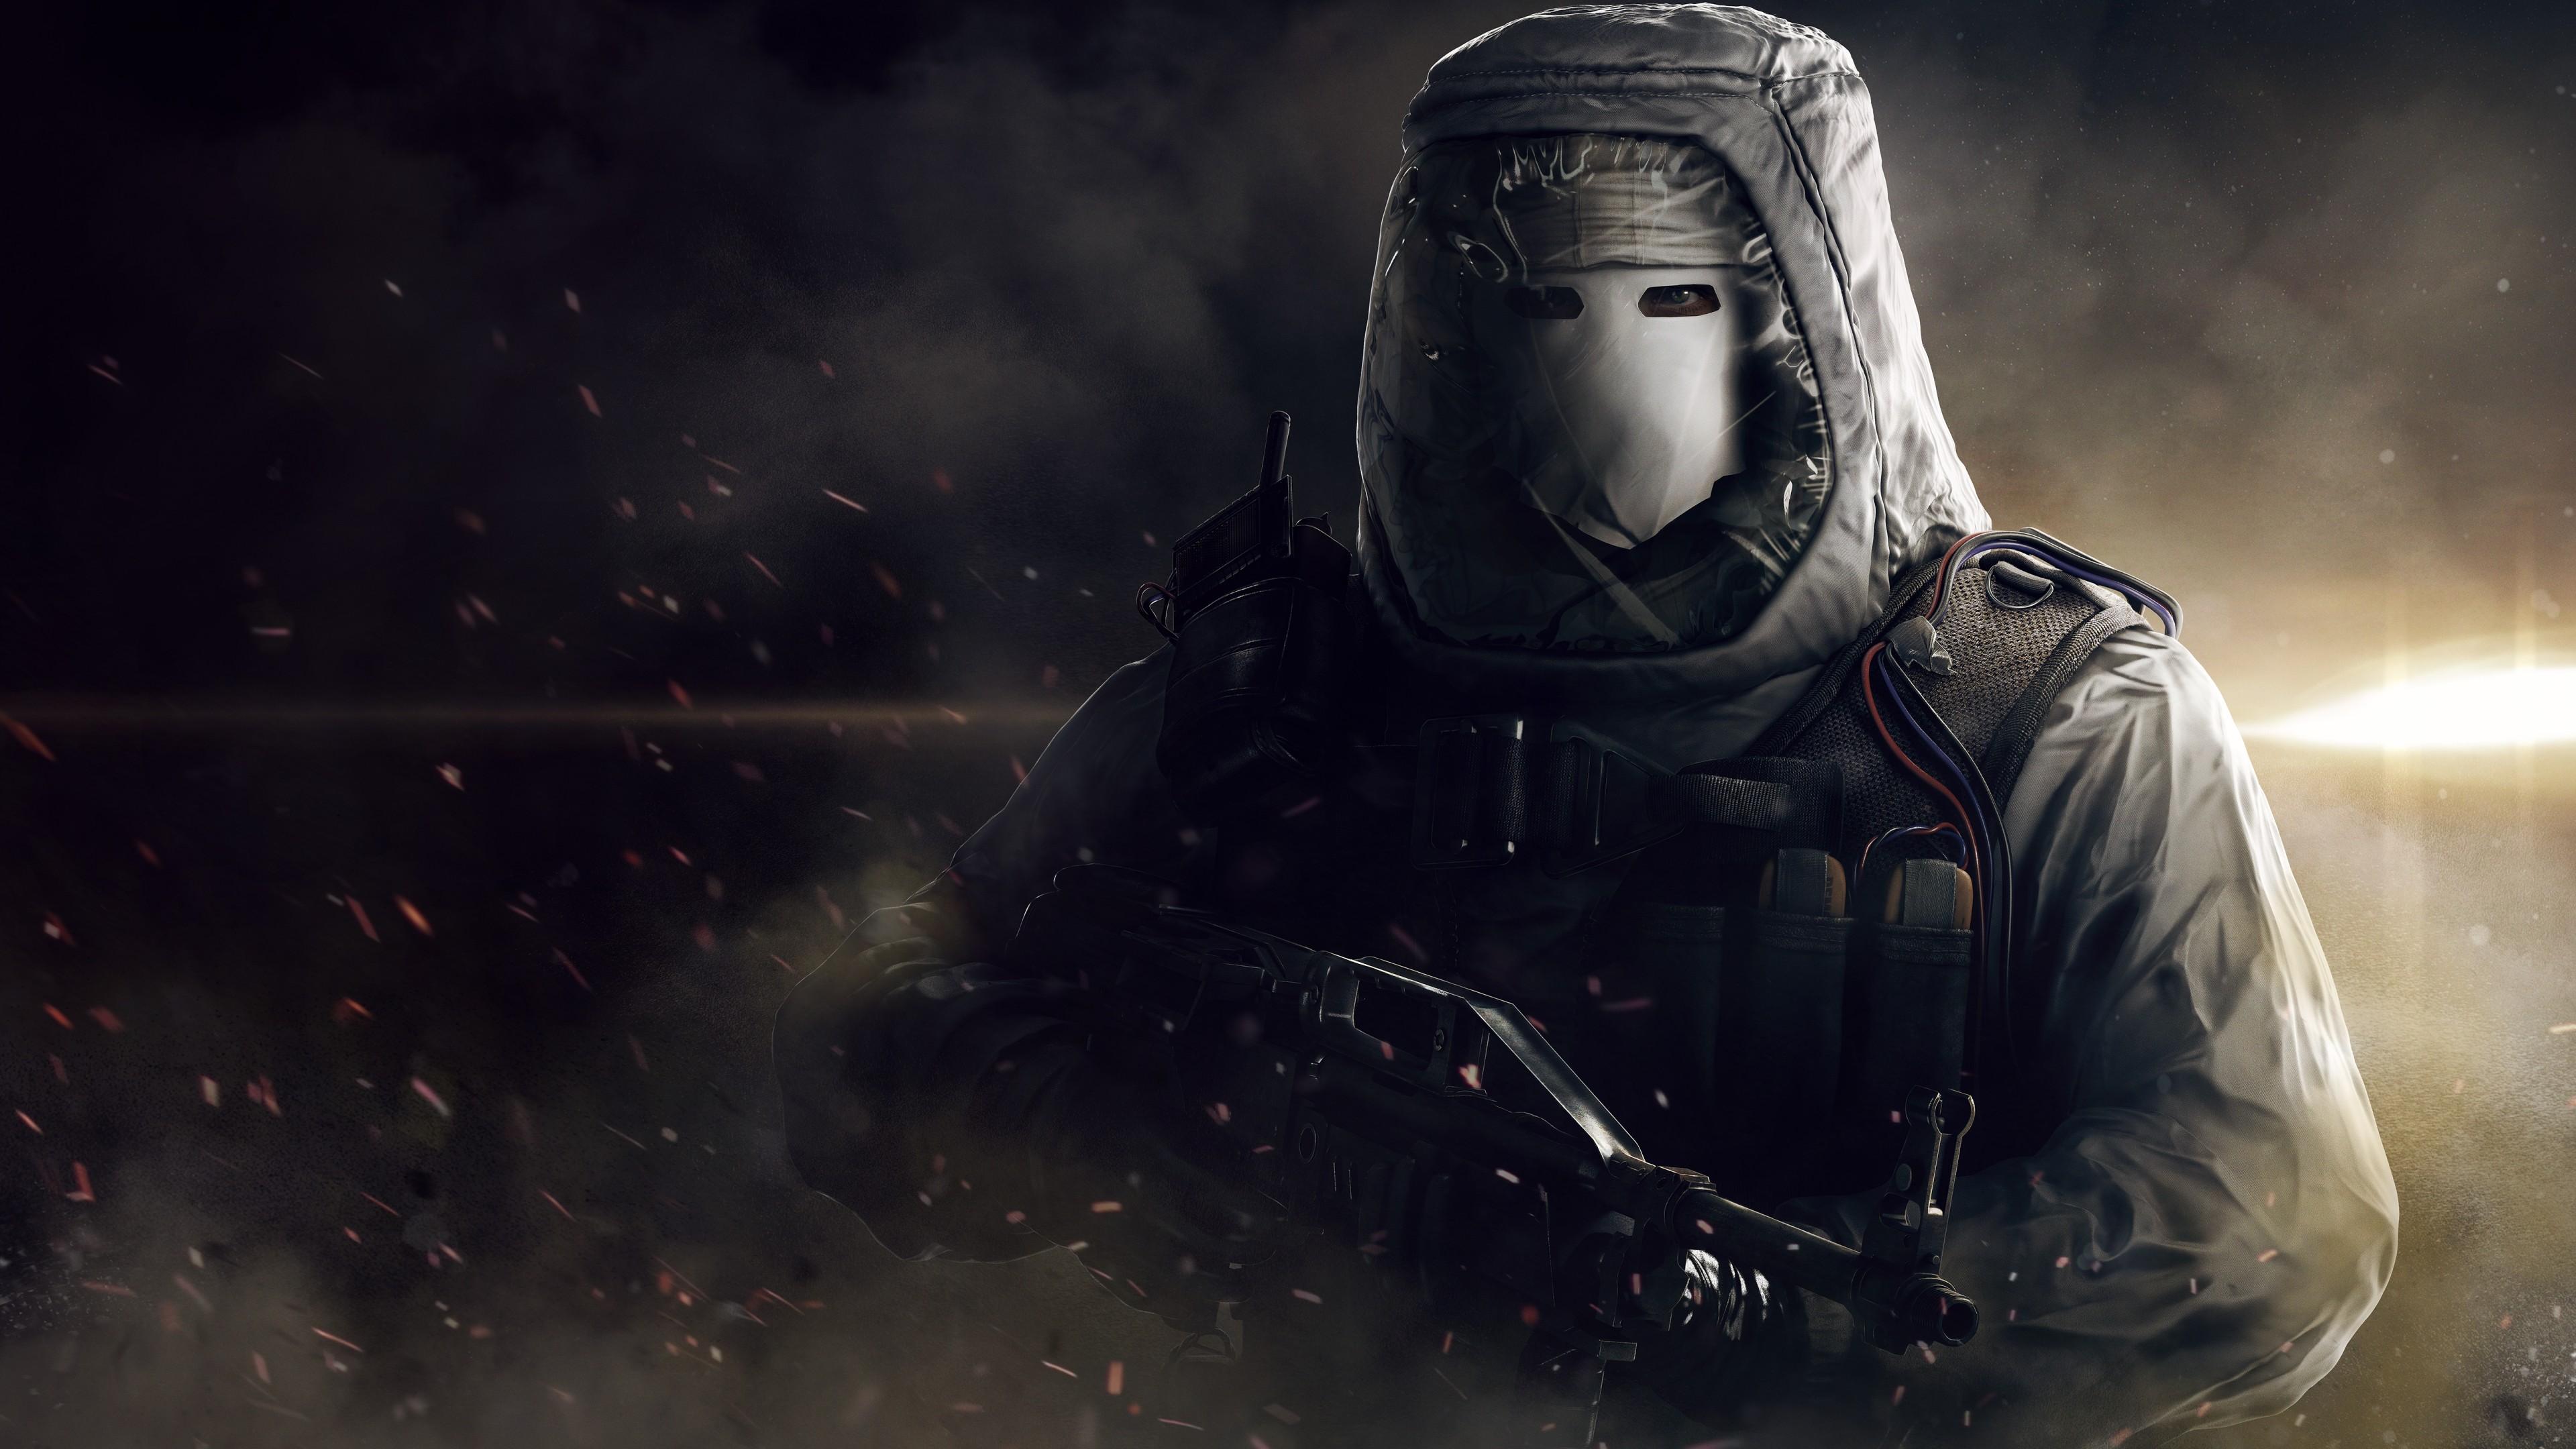 Боец в маске,снаряжении , с оружием в руках на фоне огня,тумана,выстрелов